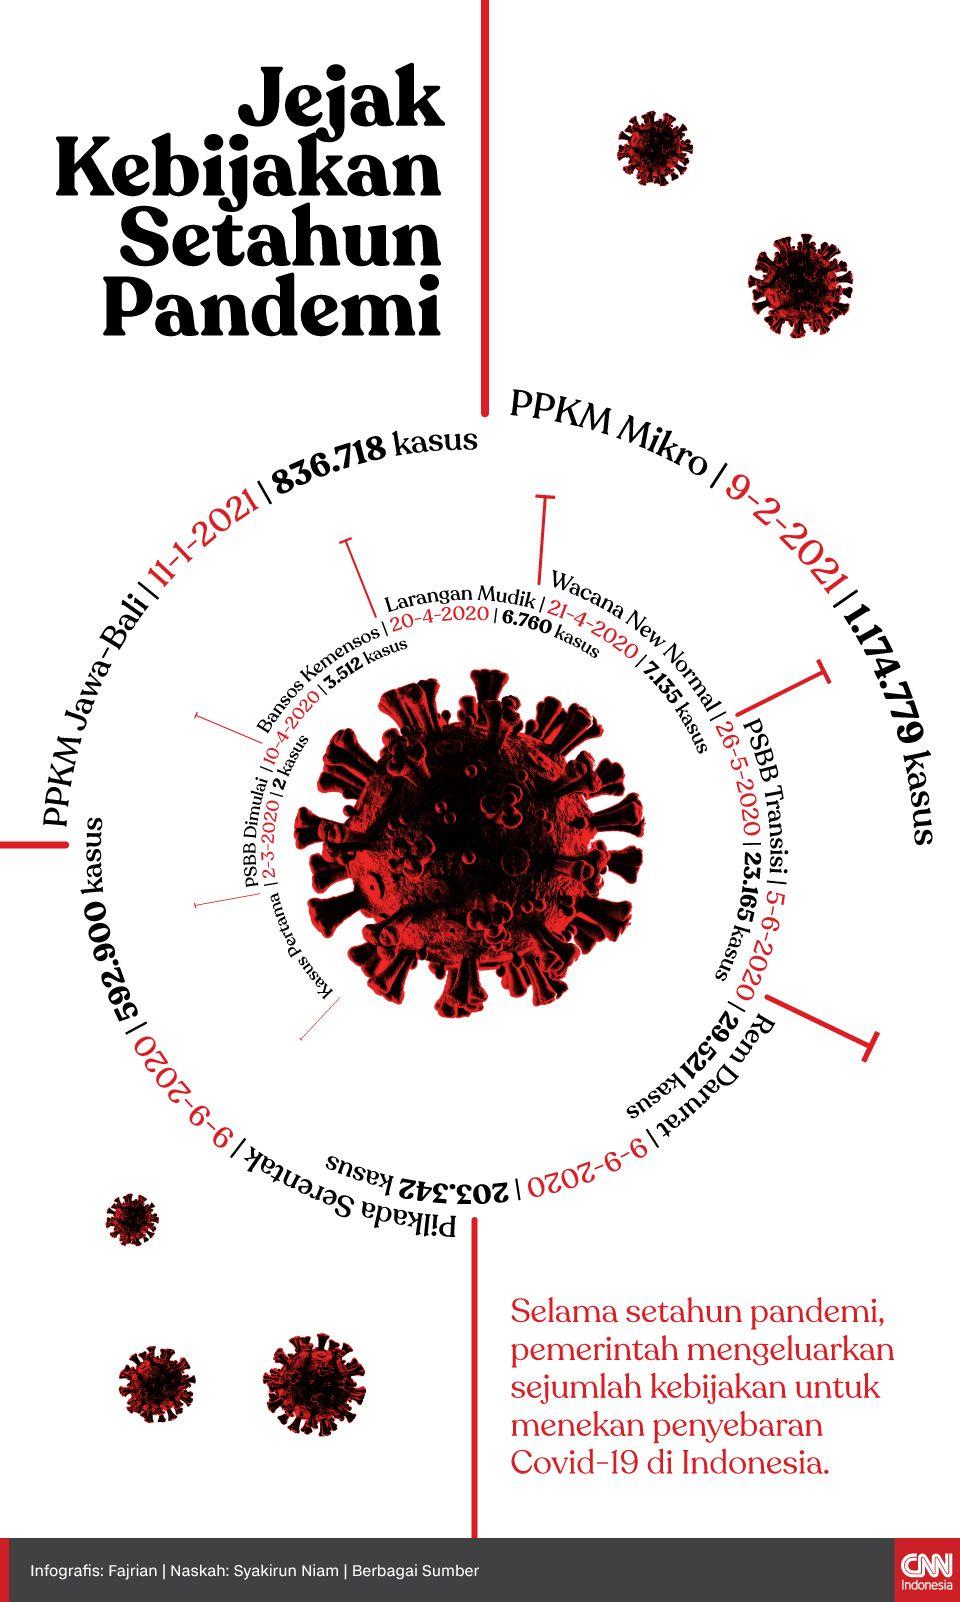 Infografis Jejak Kebijakan Setahun Pandemi